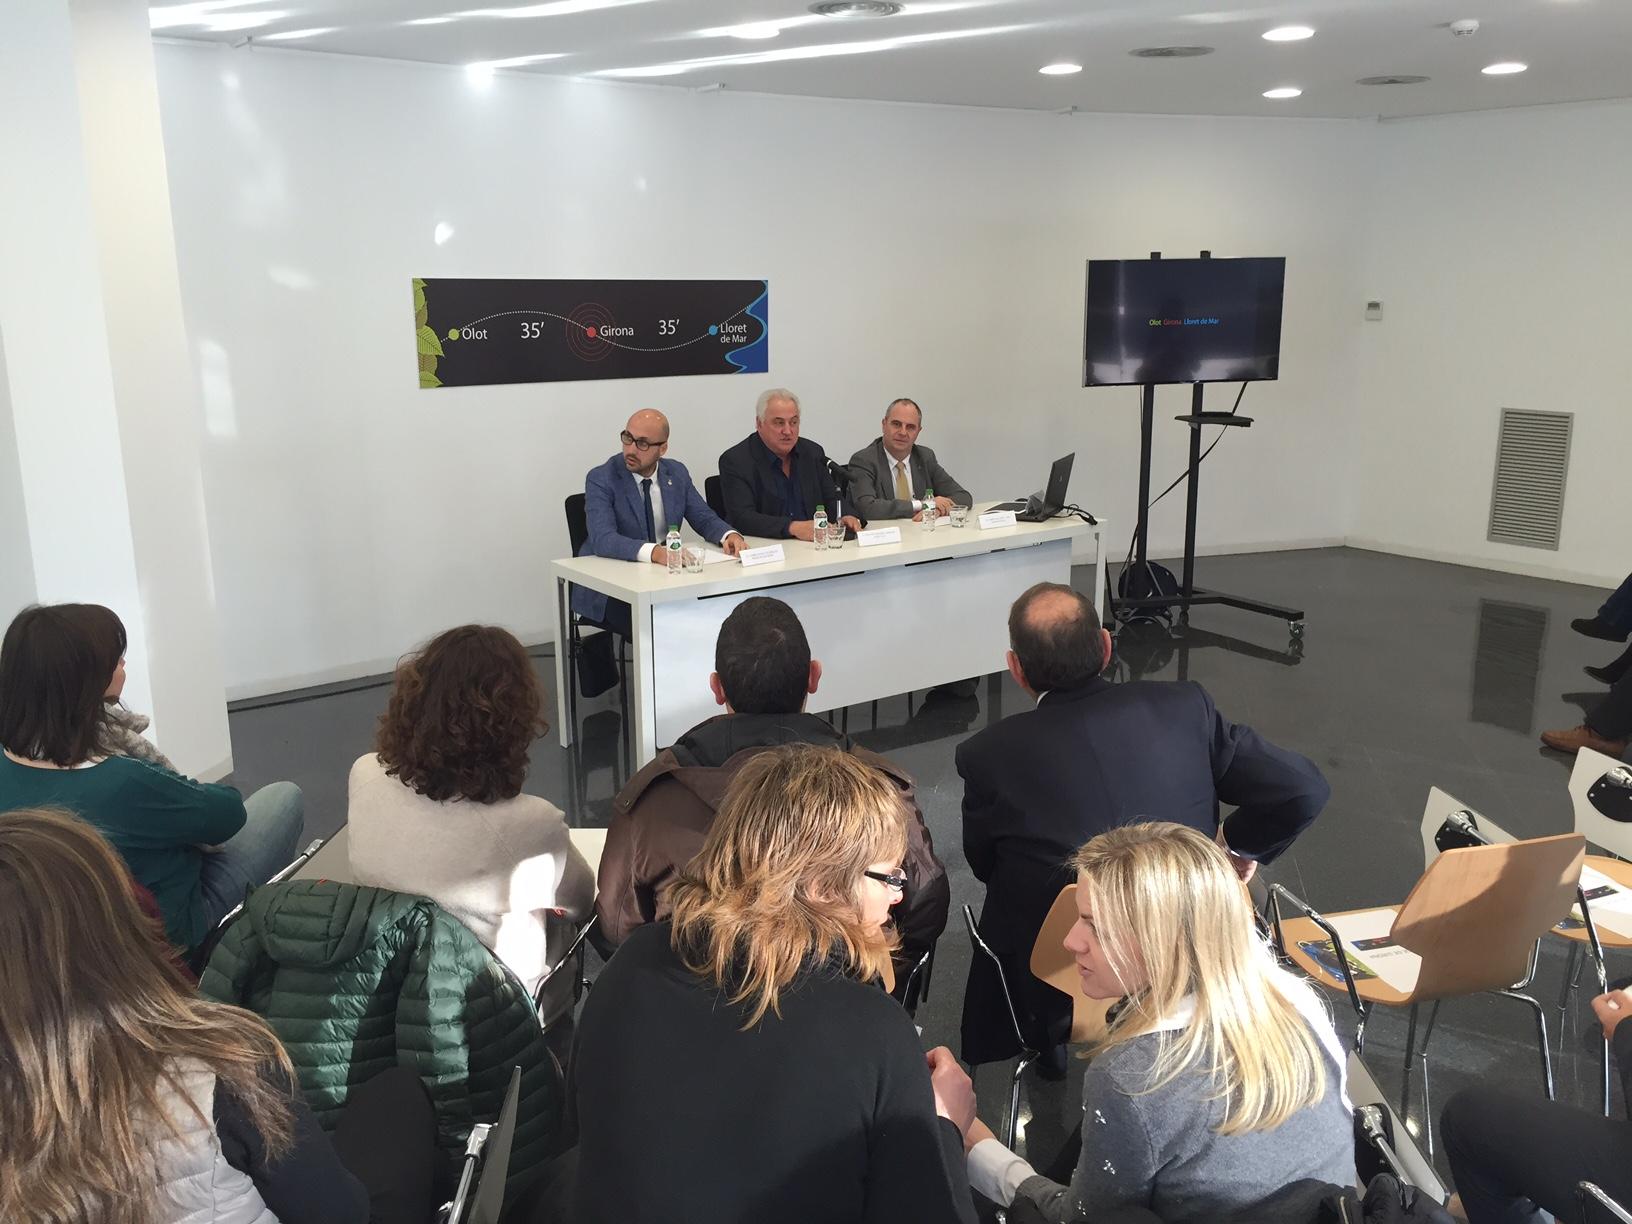 Olot, Lloret i Girona sumen esforços per promocionar el turisme de congressos